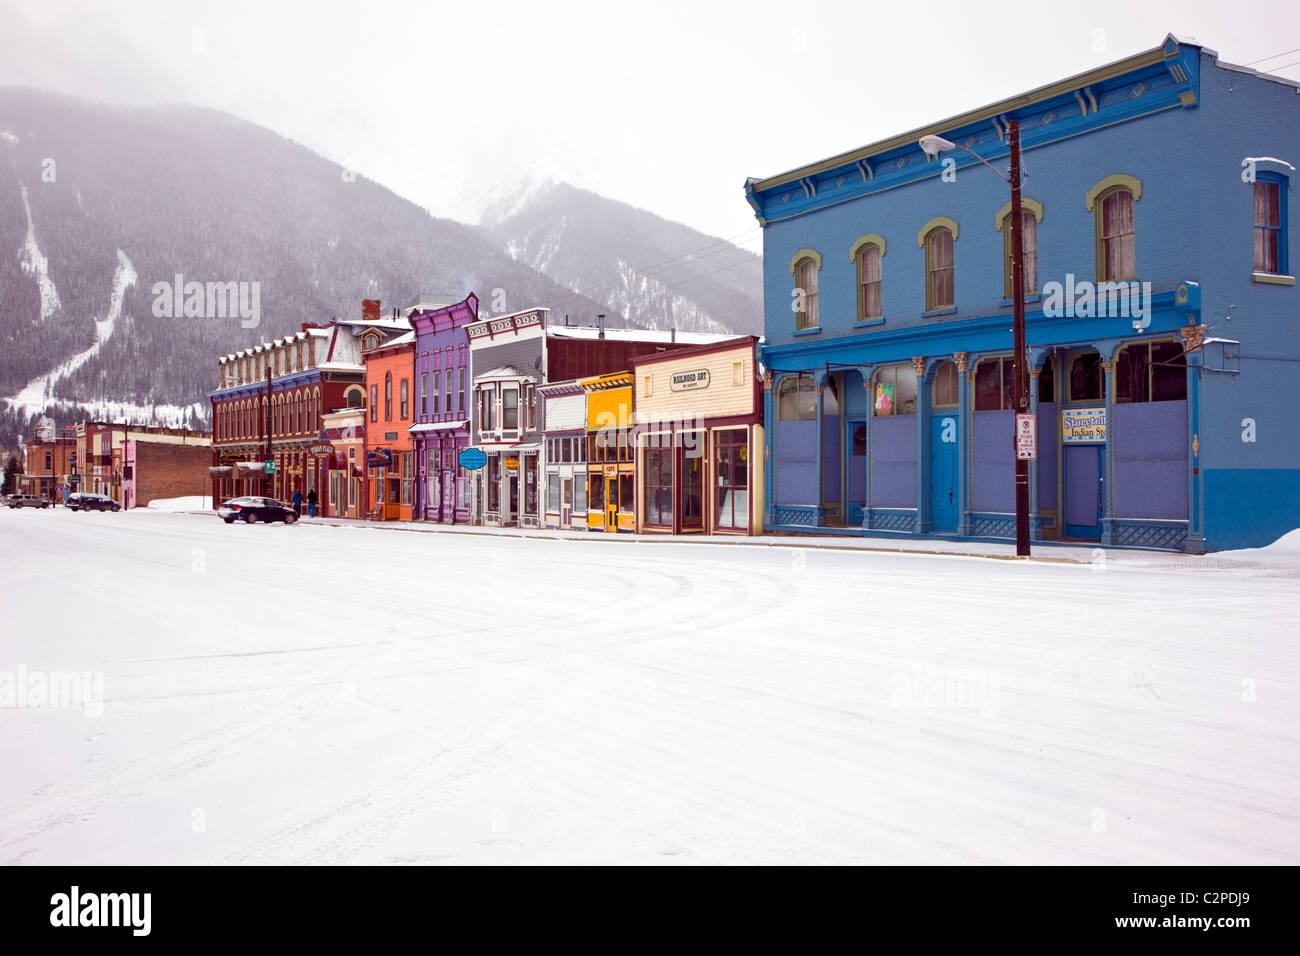 Vista invernal de la arquitectura victoriana, el histórico Silverton, Colorado, un antiguo pueblo minero. Imagen De Stock